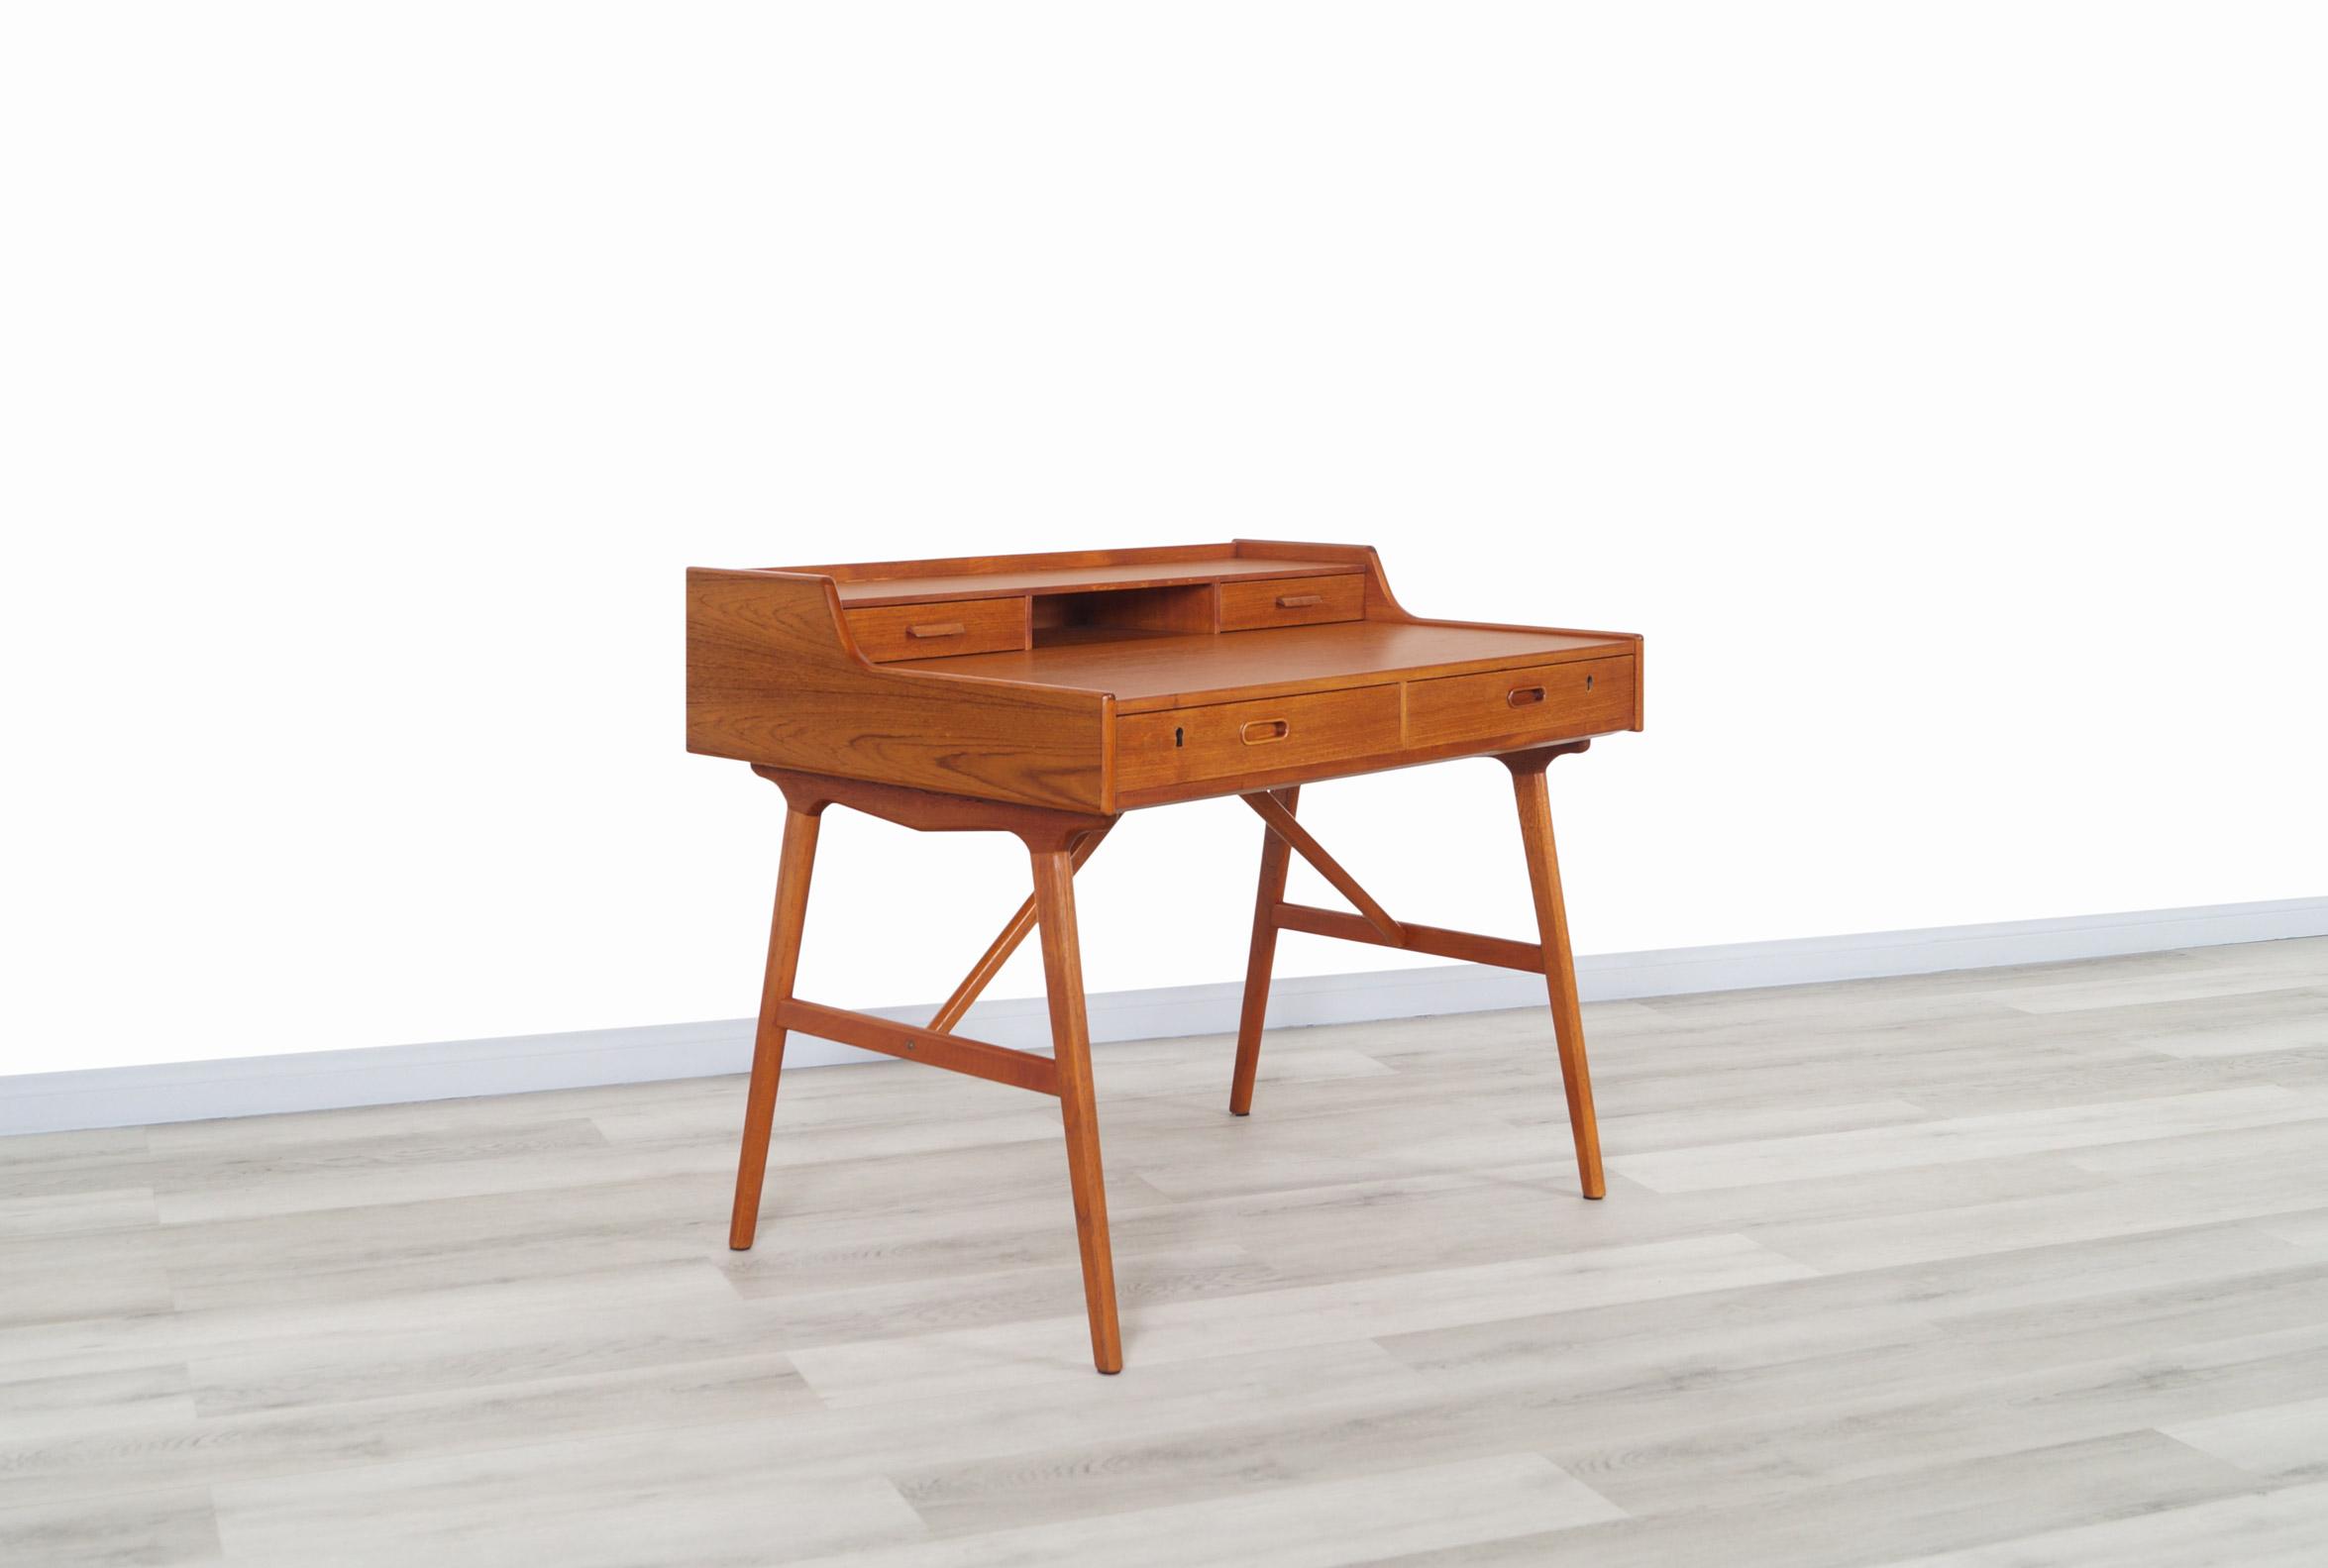 Danish Teak Model #64 Desk by Arne Wahl Iversen